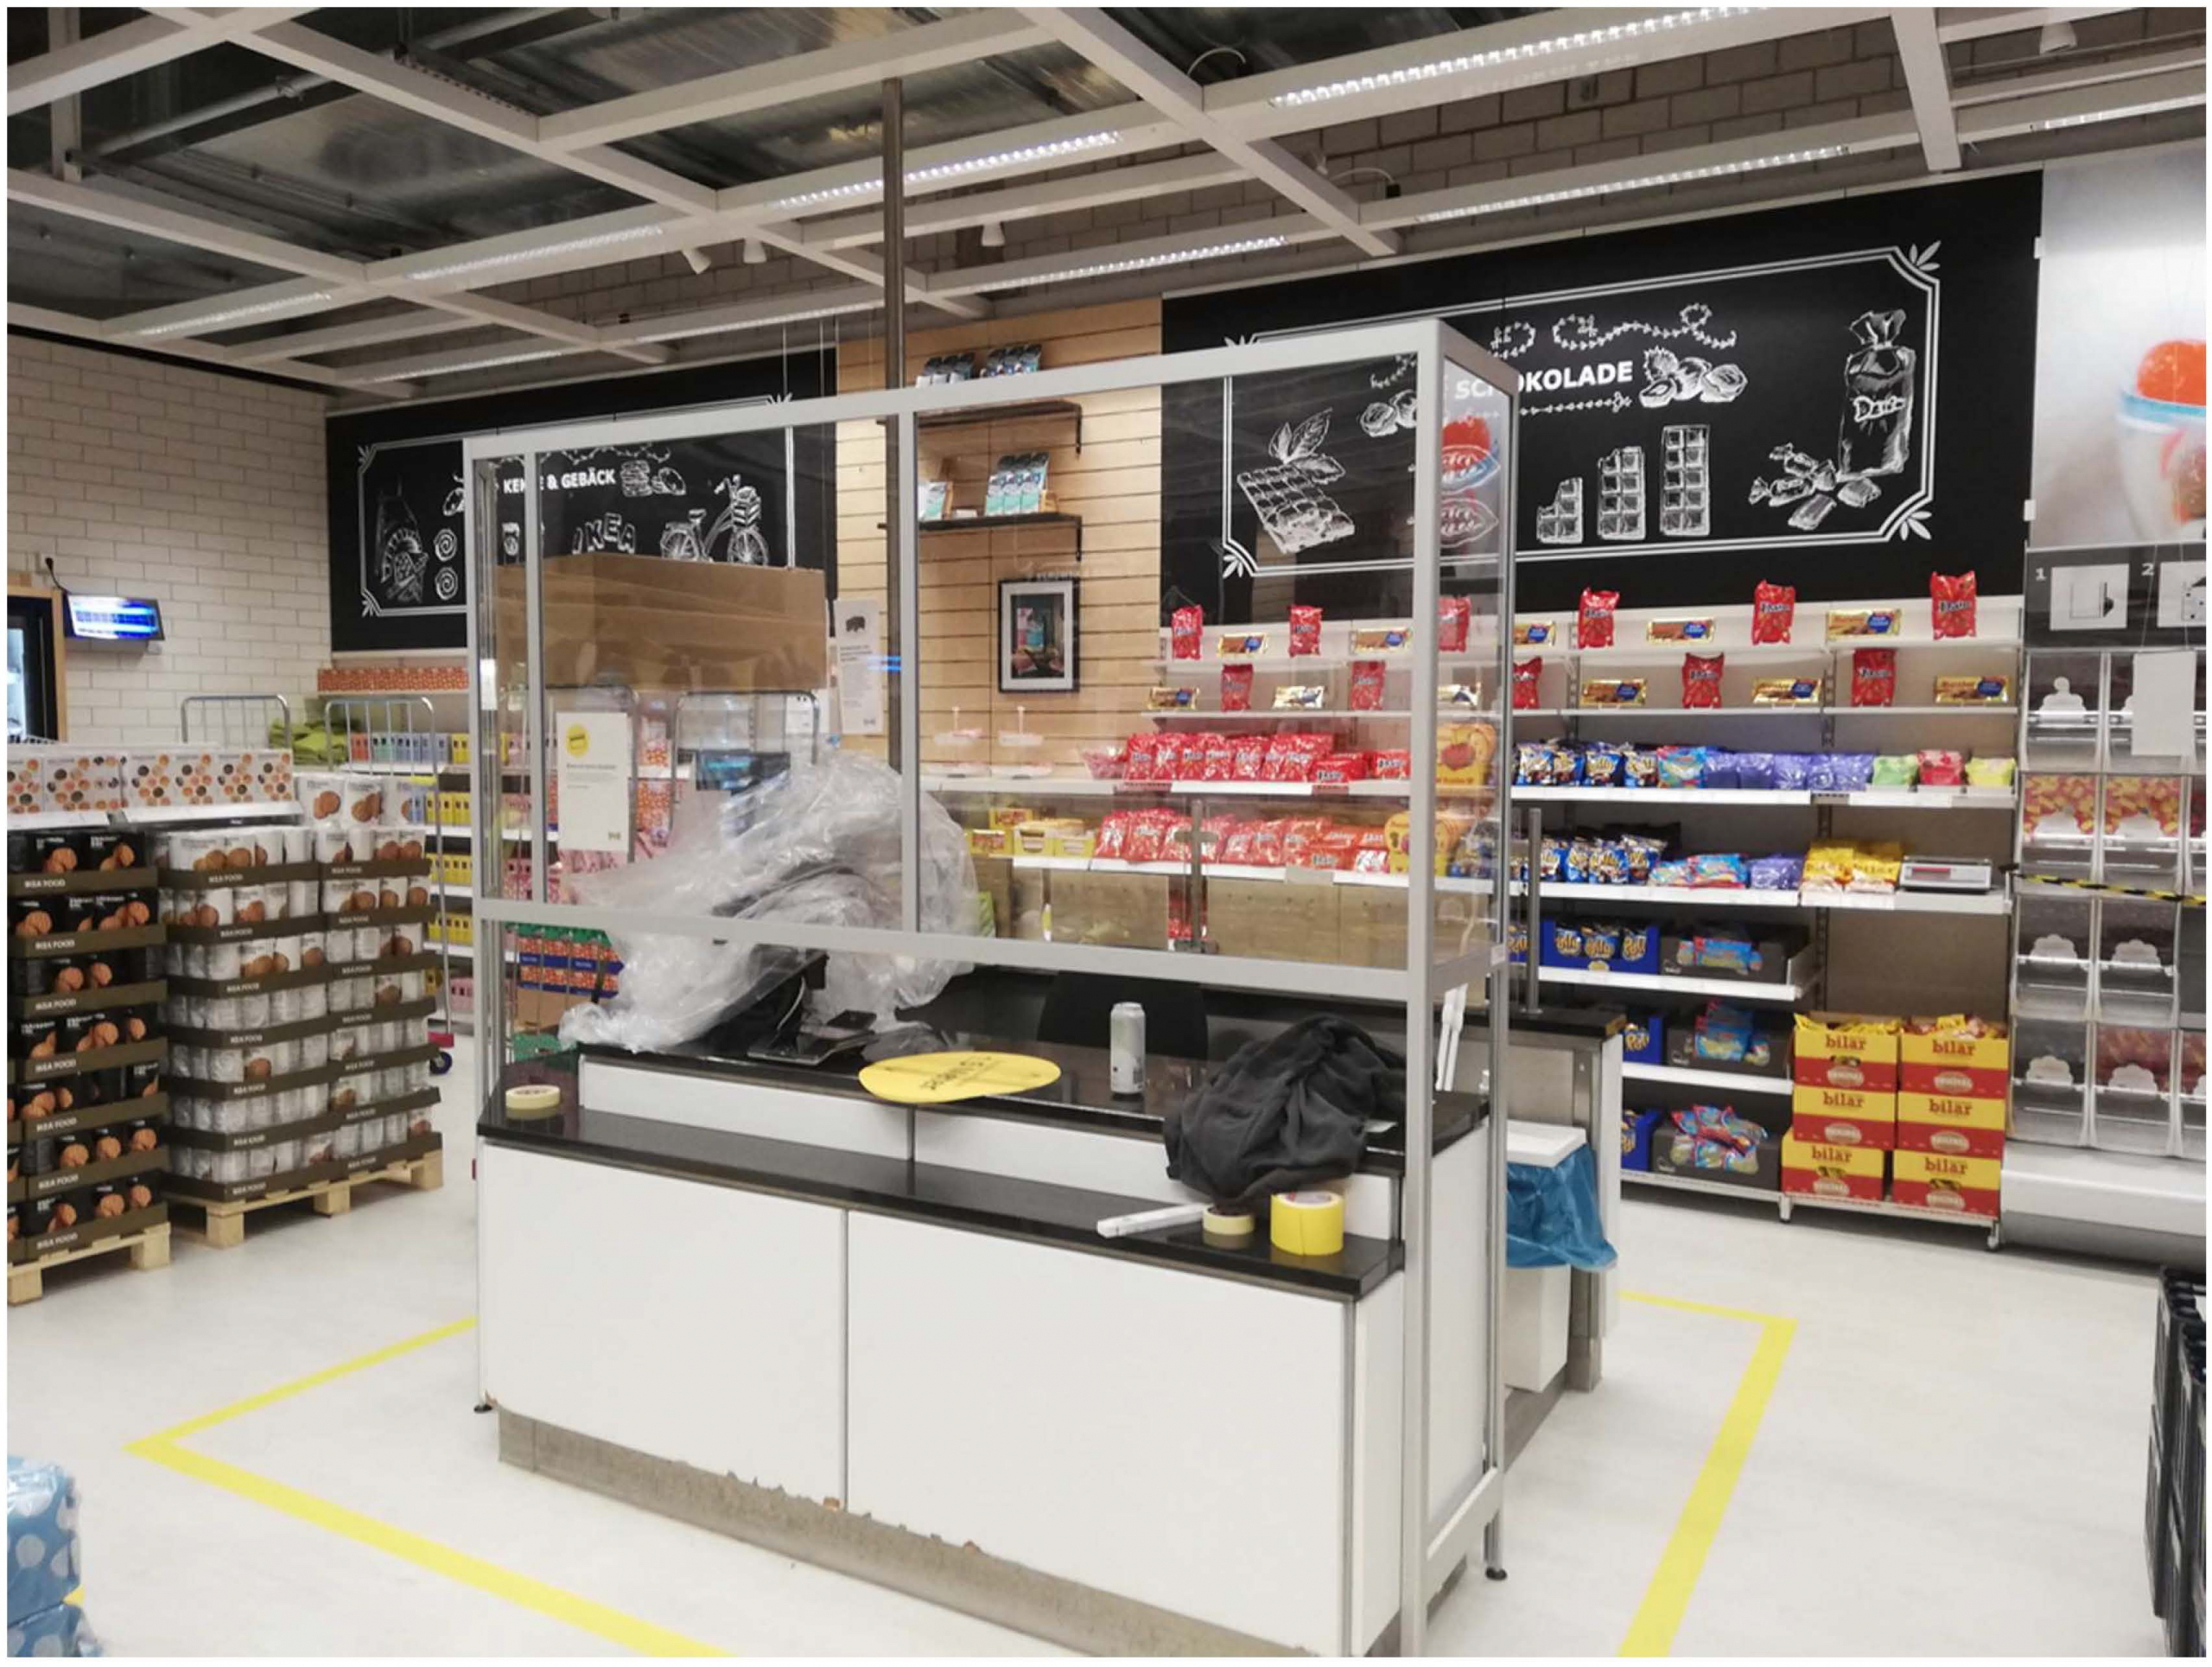 Corona Schutz: Hygieneschutzwände für Supermarkt